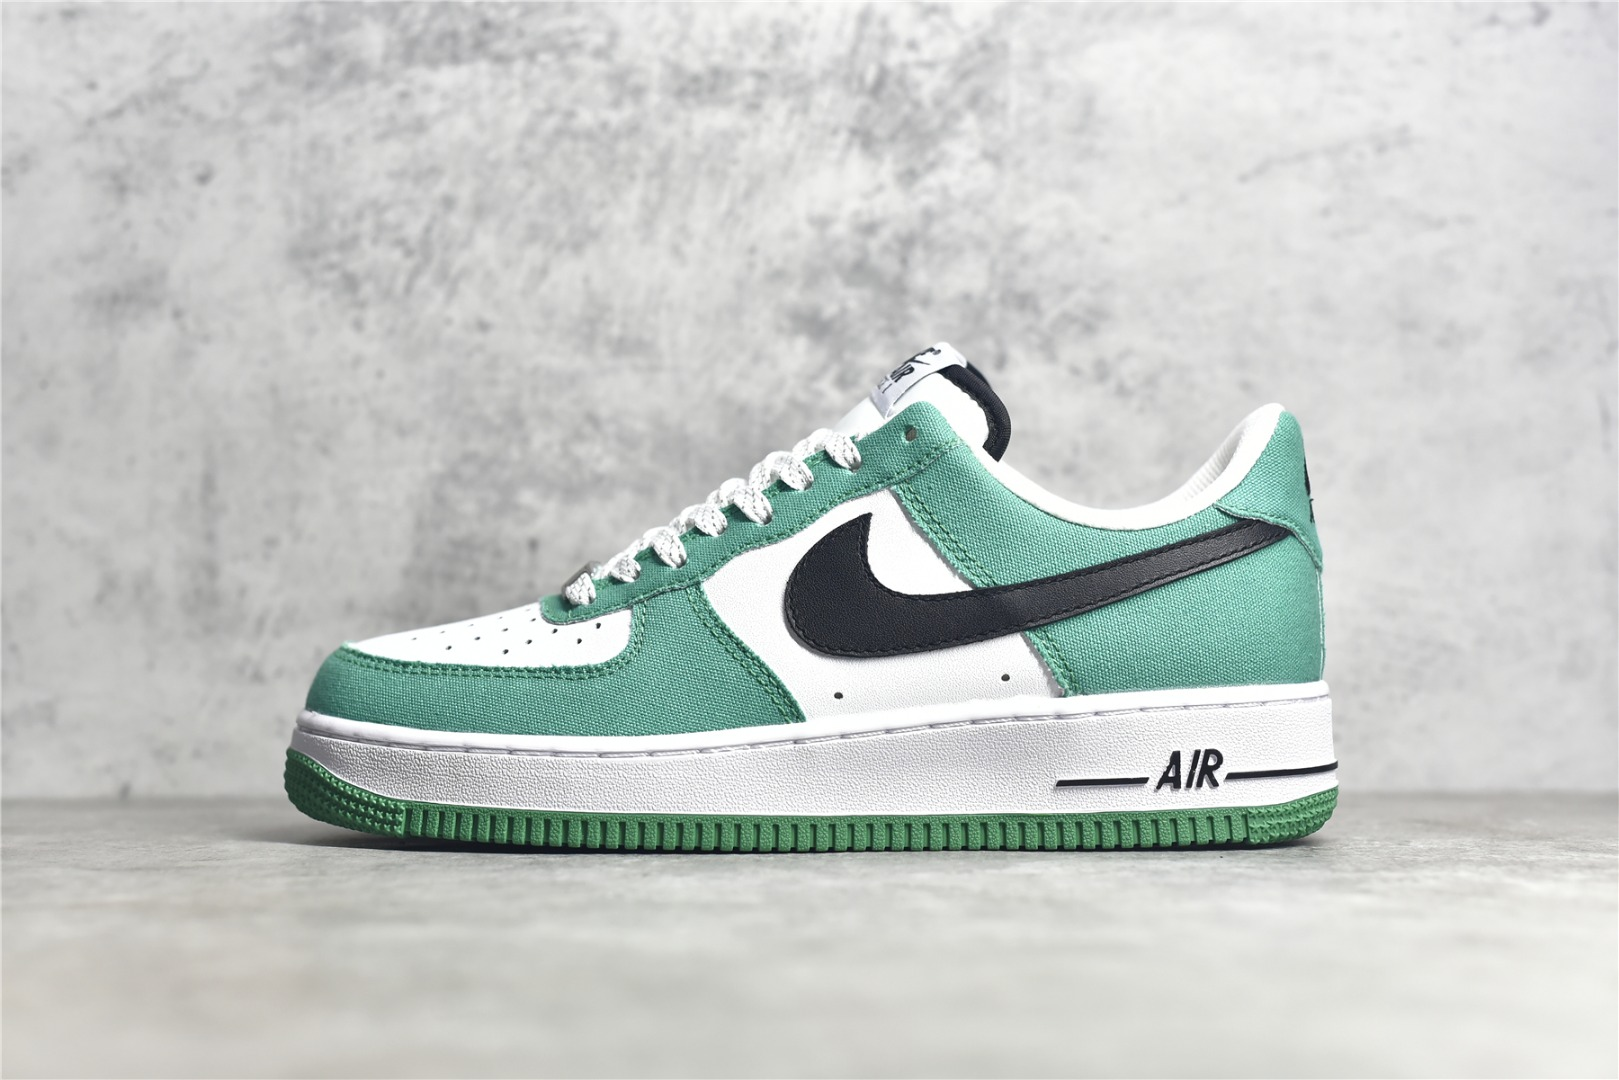 耐克空军白绿低帮帆布鞋 Nike Air Force 1 Low 07 CJ纯原版本耐克空军白黑绿 货号:315122-105-潮流者之家